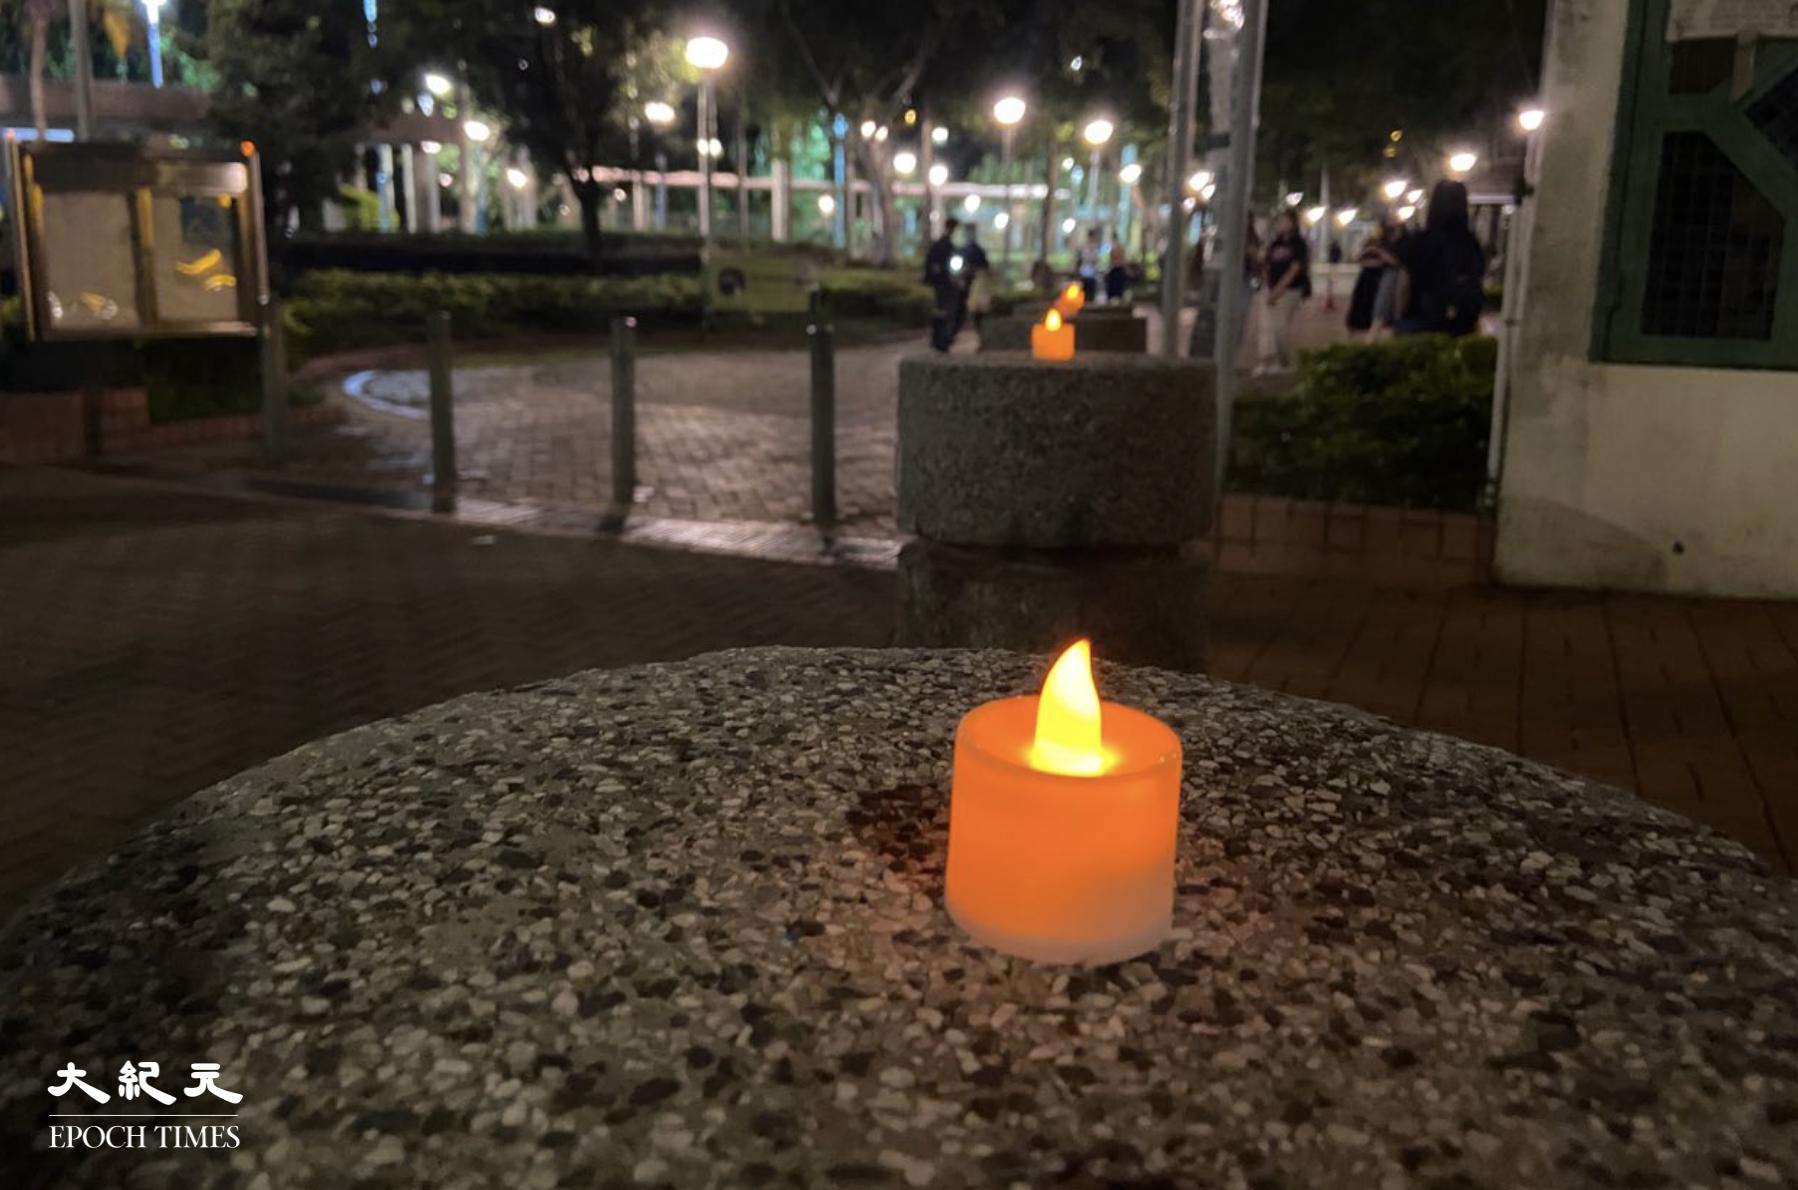 6月4日晚,在舉行彌撒期間,有市民在聖安德肋堂外點亮燭光。(李善宇/大紀元)